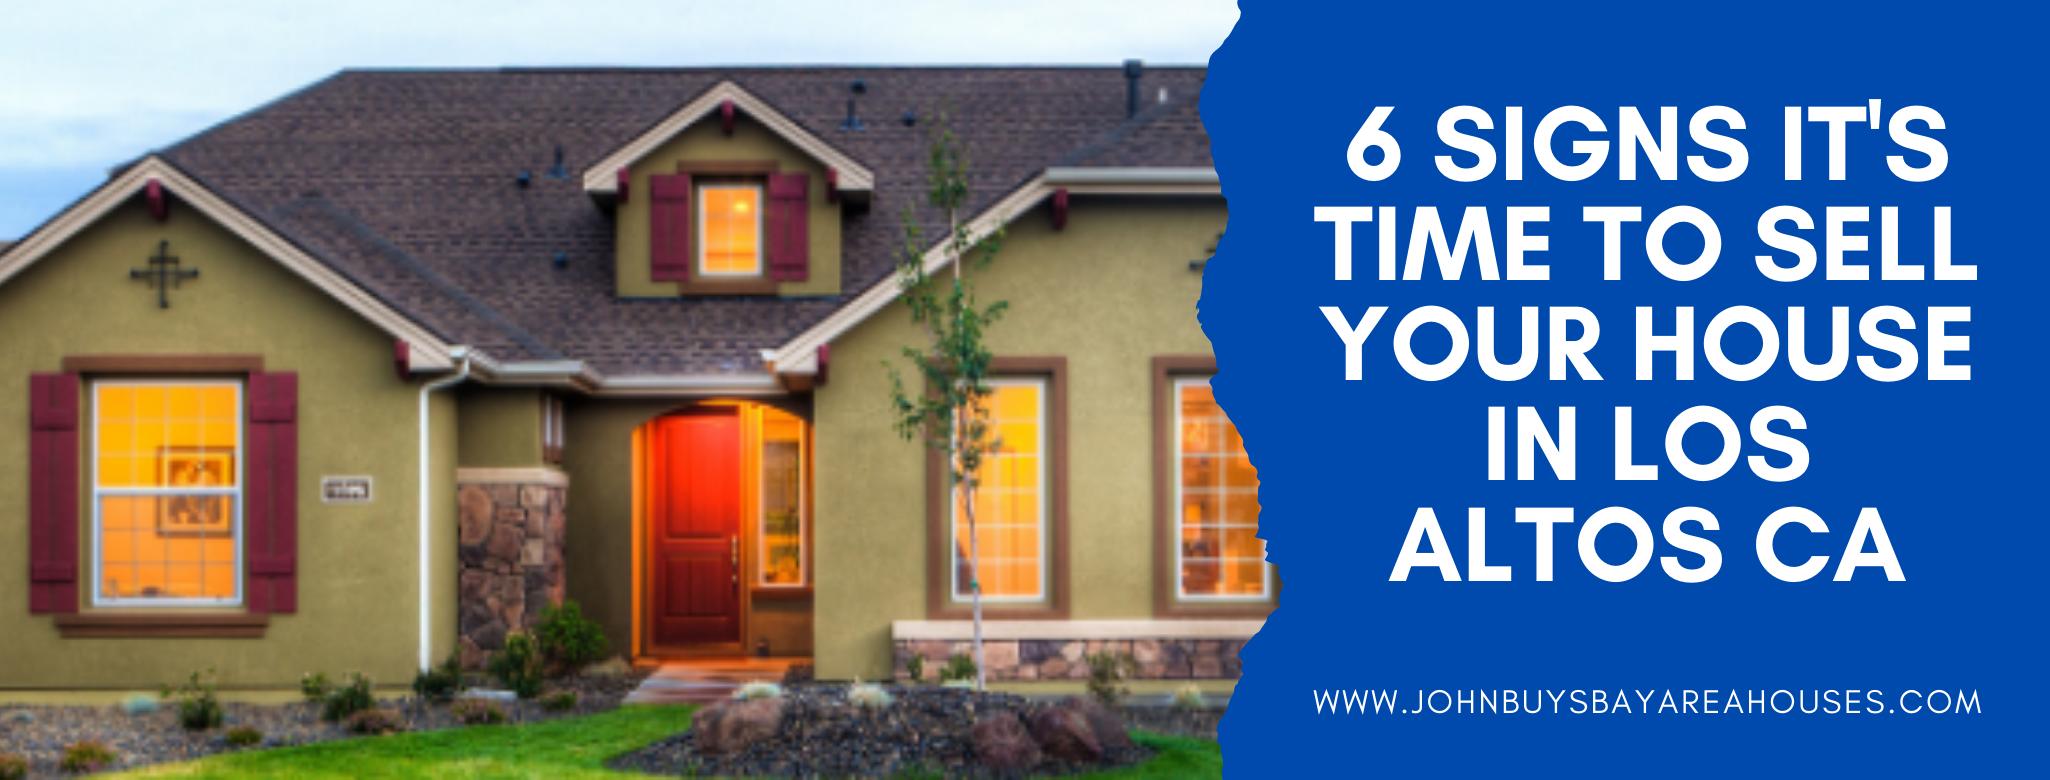 We buy properties in Los Altos CA